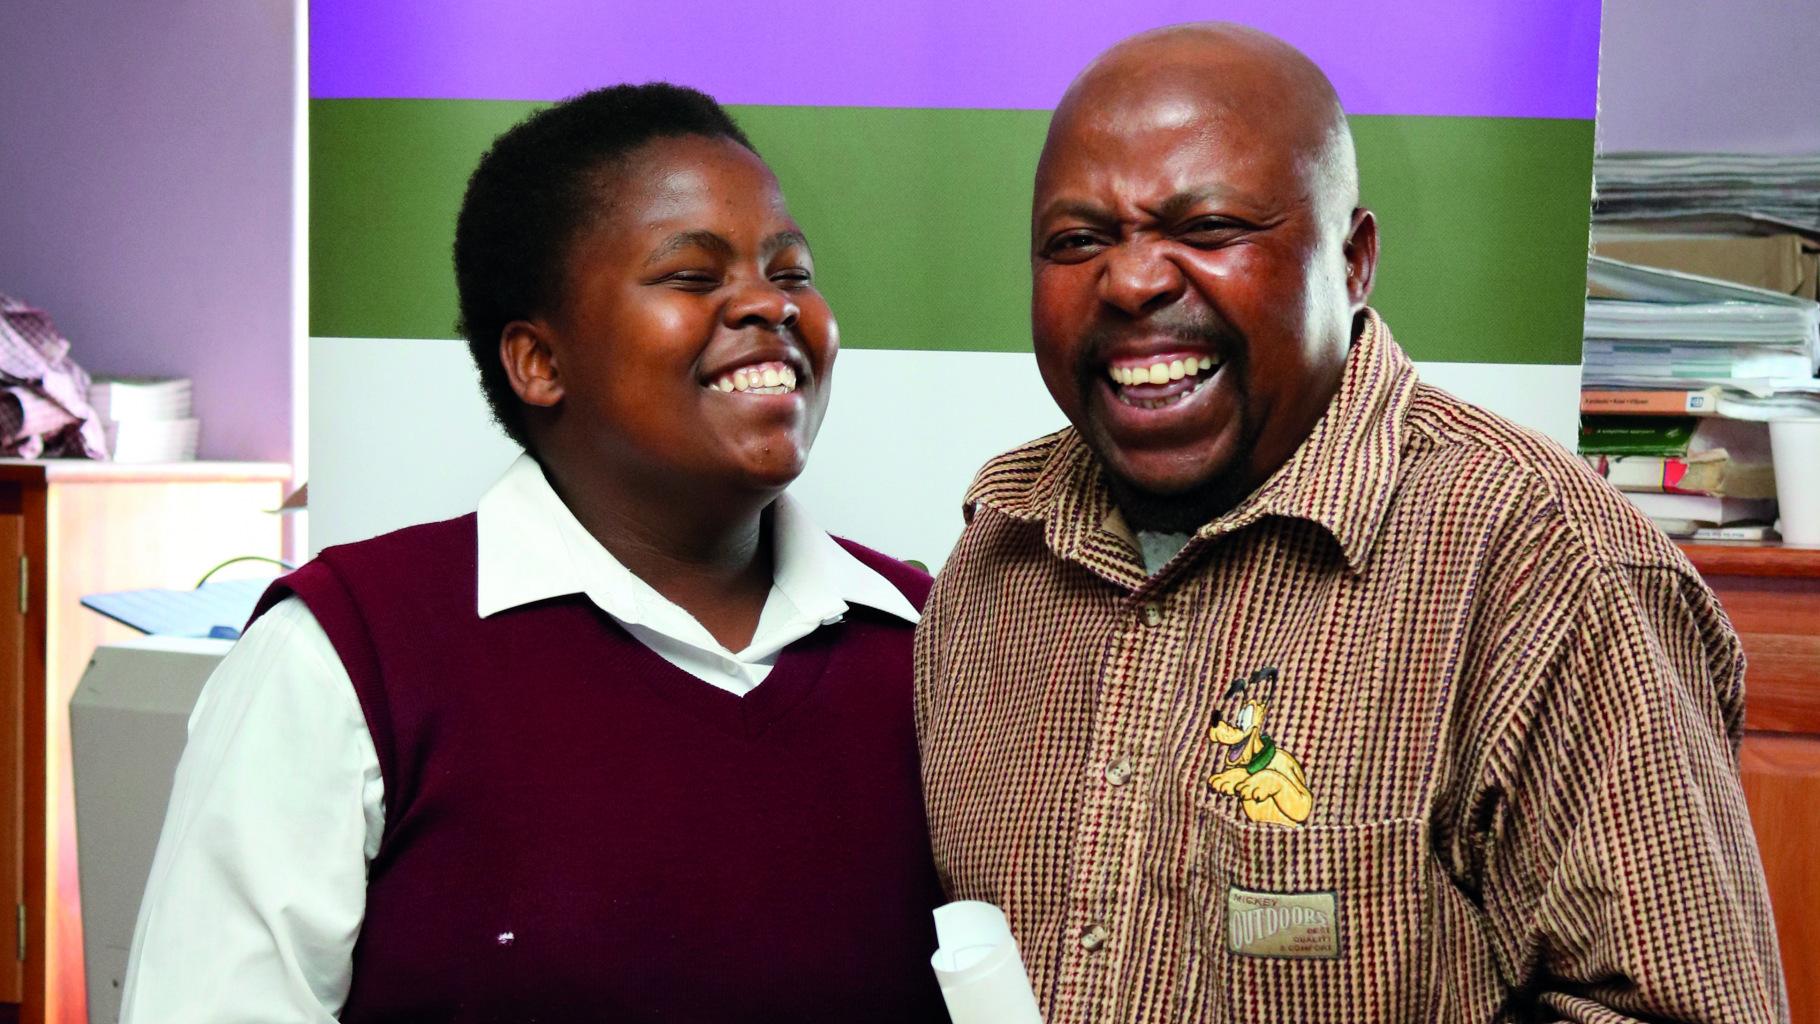 Der Vater freut sich mit seiner Tochter Thulethu: Die Teenagerin hat erfolgreich an der Peer Education Schulung teilgenommen. Nun wird sie sich mit Gleichaltrigen gegen Gewalt an ihrer Schule und in ihrer Nachbarschaft im Township stark machen.